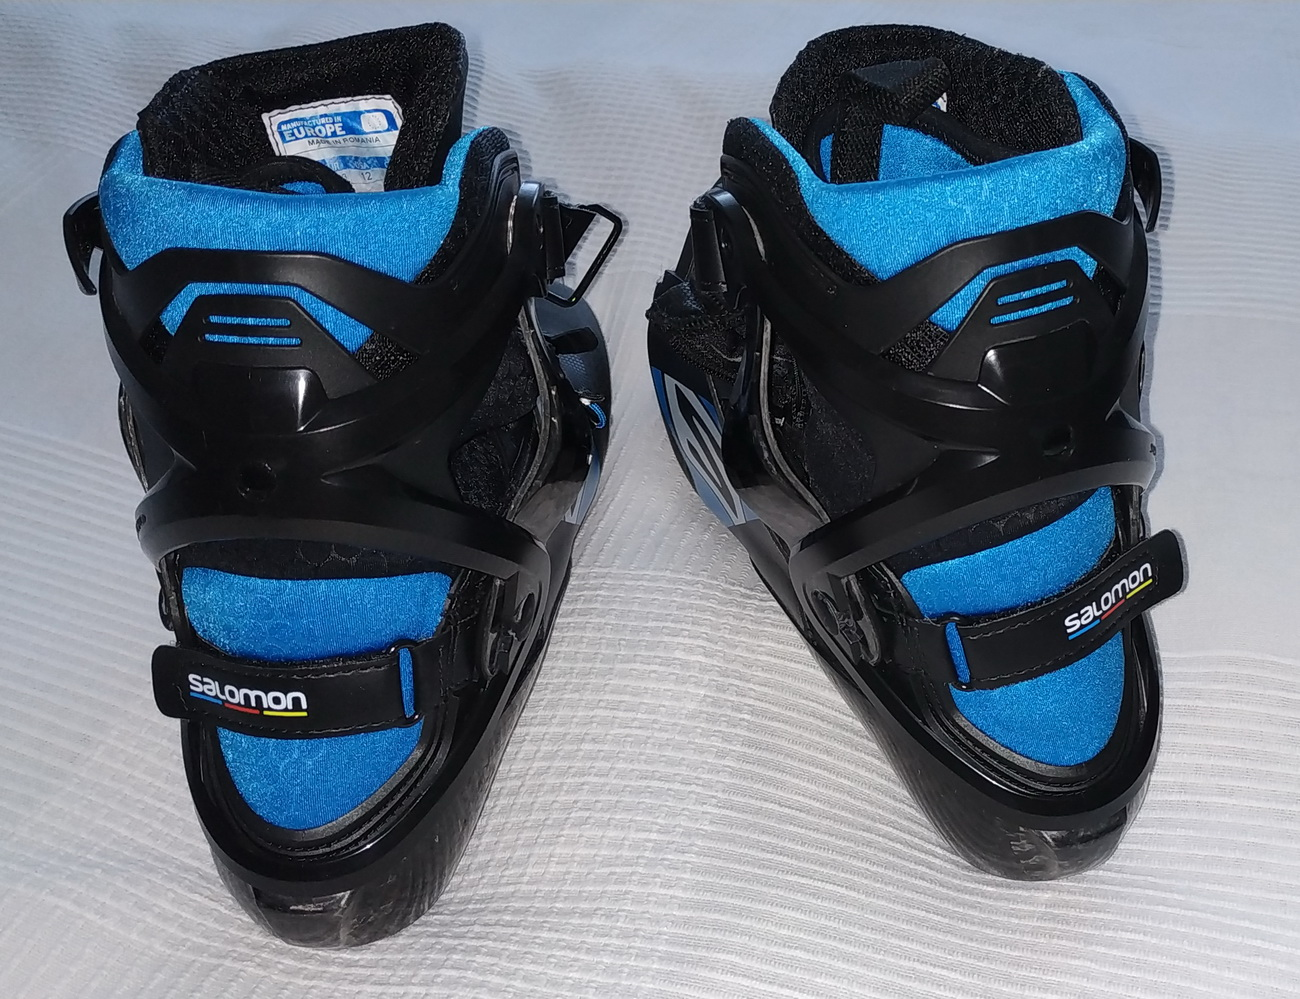 Závodní boty SALOMON S RACE SK PRO PROLINK 17 18 s - Bazar - Běžky.net ba9dcd1cc5